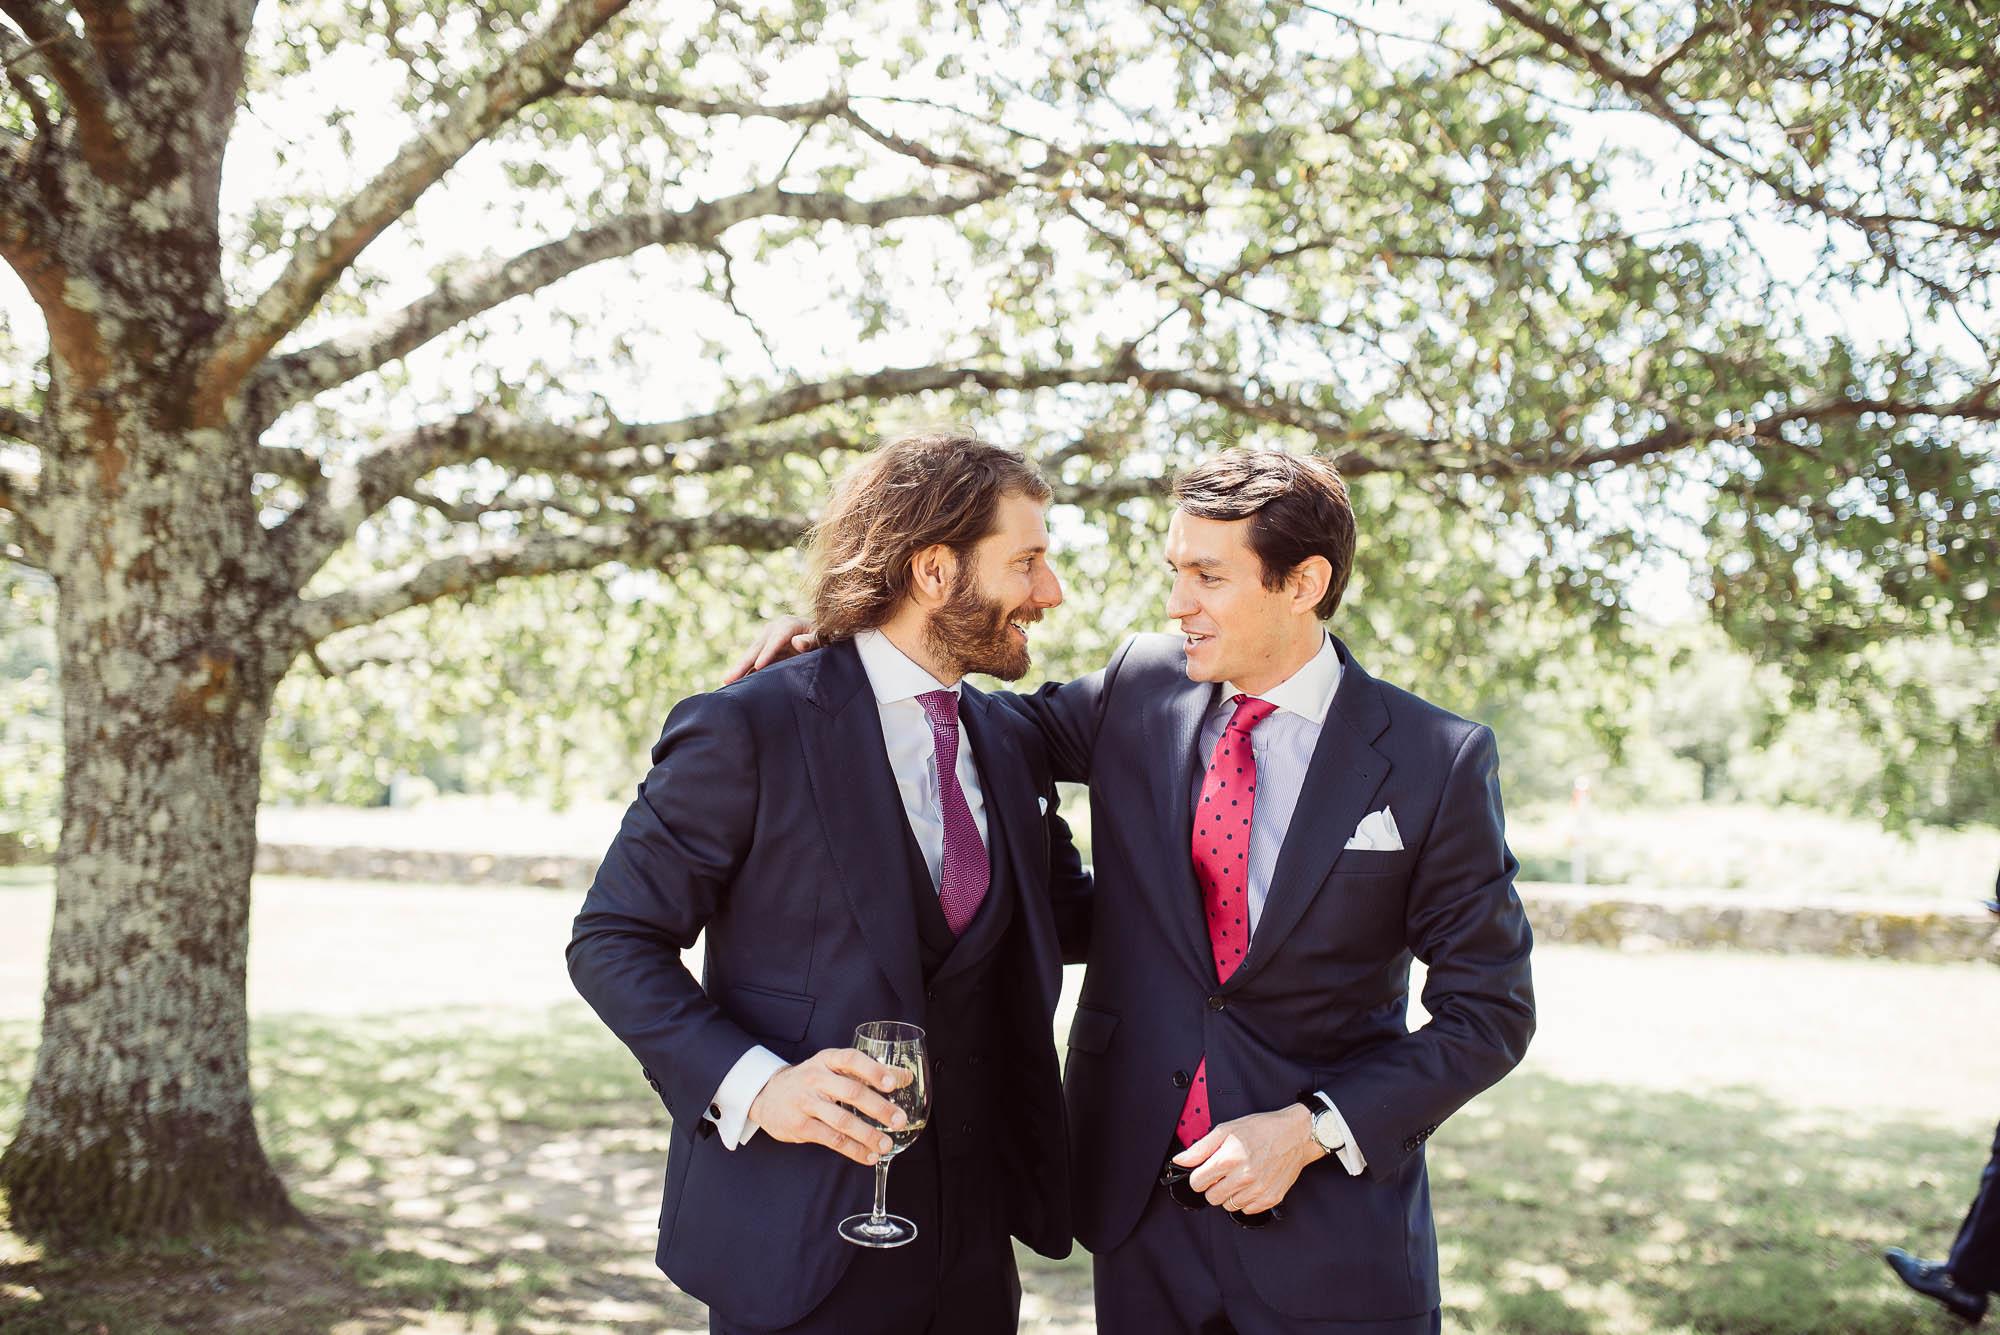 El novio sosteniendo una copa de champagne saludando a un amigo en el patio de invitados